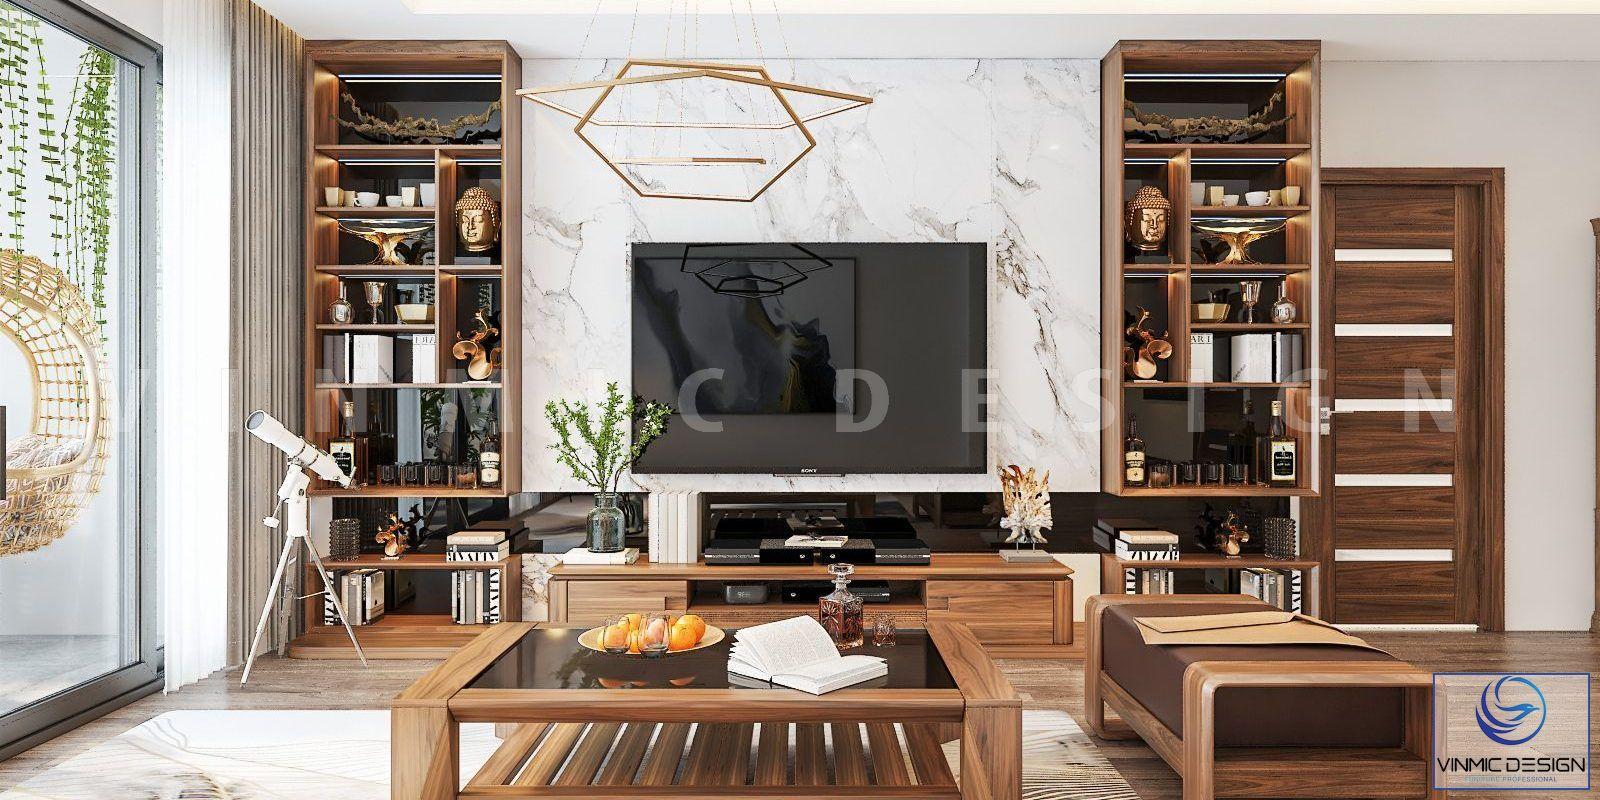 Thiết kế phòng khách chung cư với chất gỗ óc chó tự nhiên